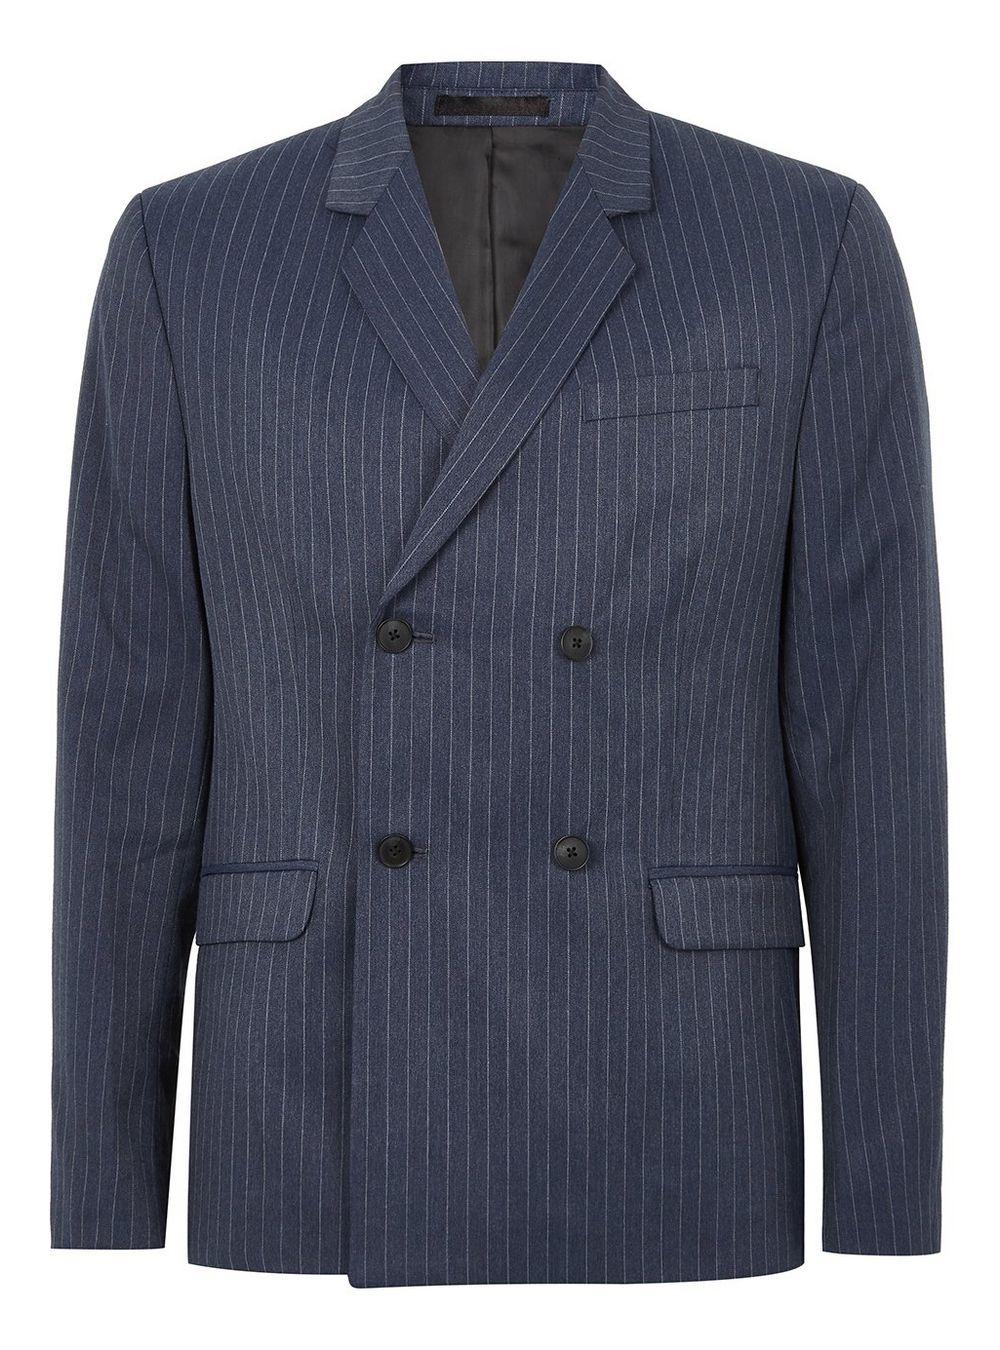 Topman Blue Pinstripe Jacket